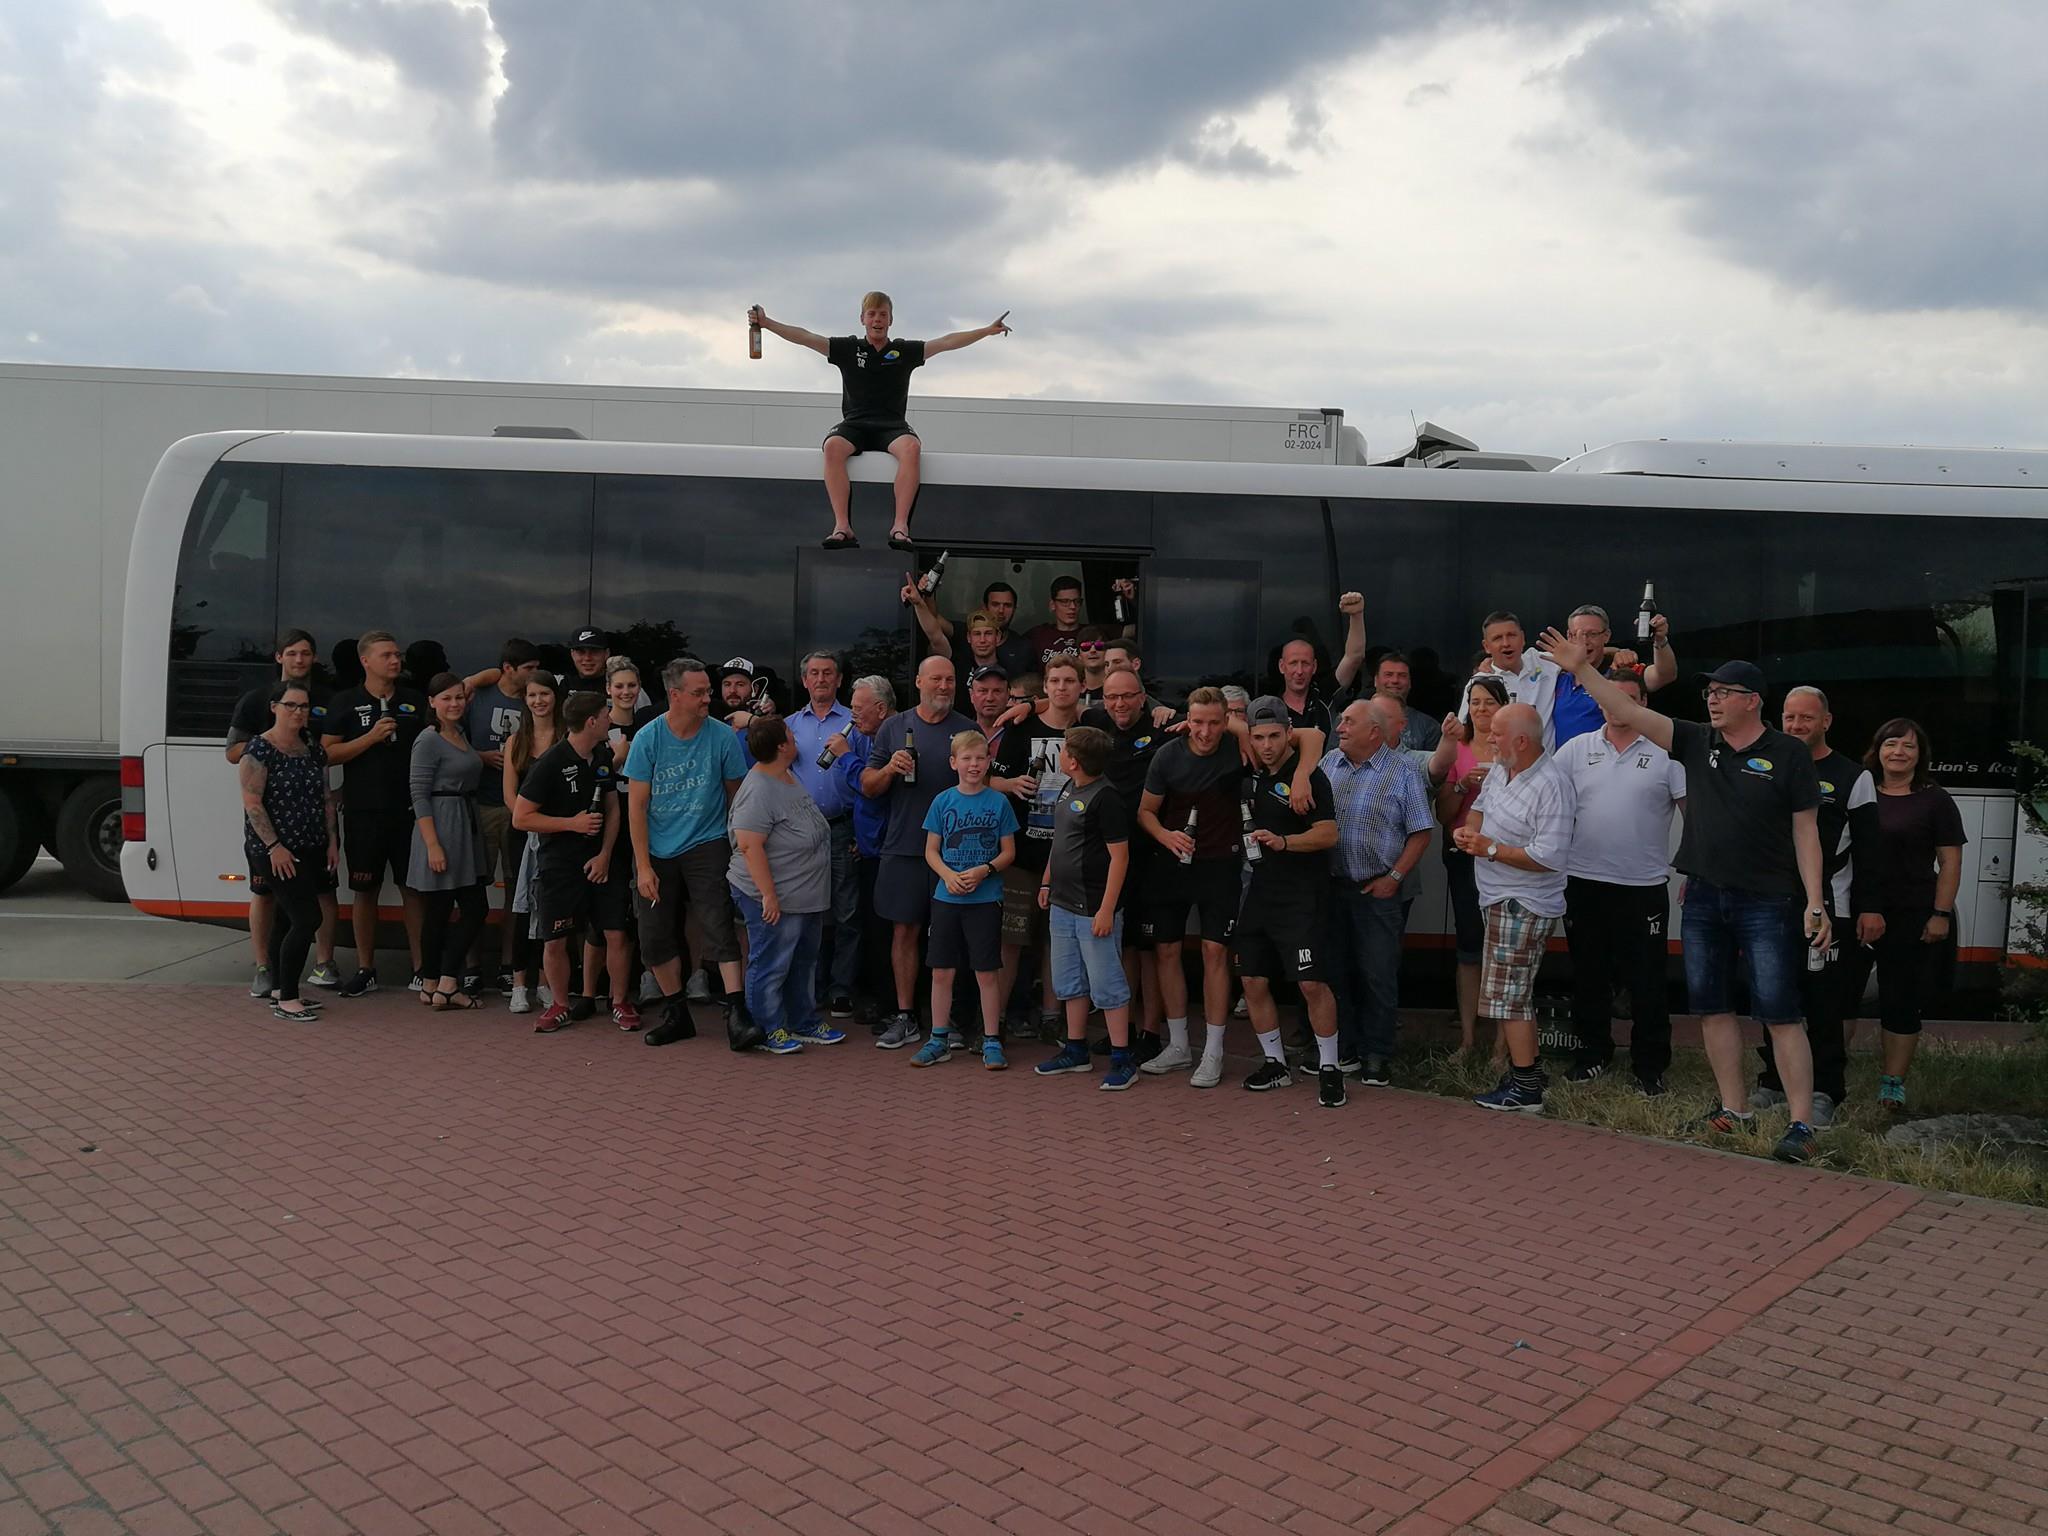 Ligaverbleib mit überragendem Sieg in Gotha